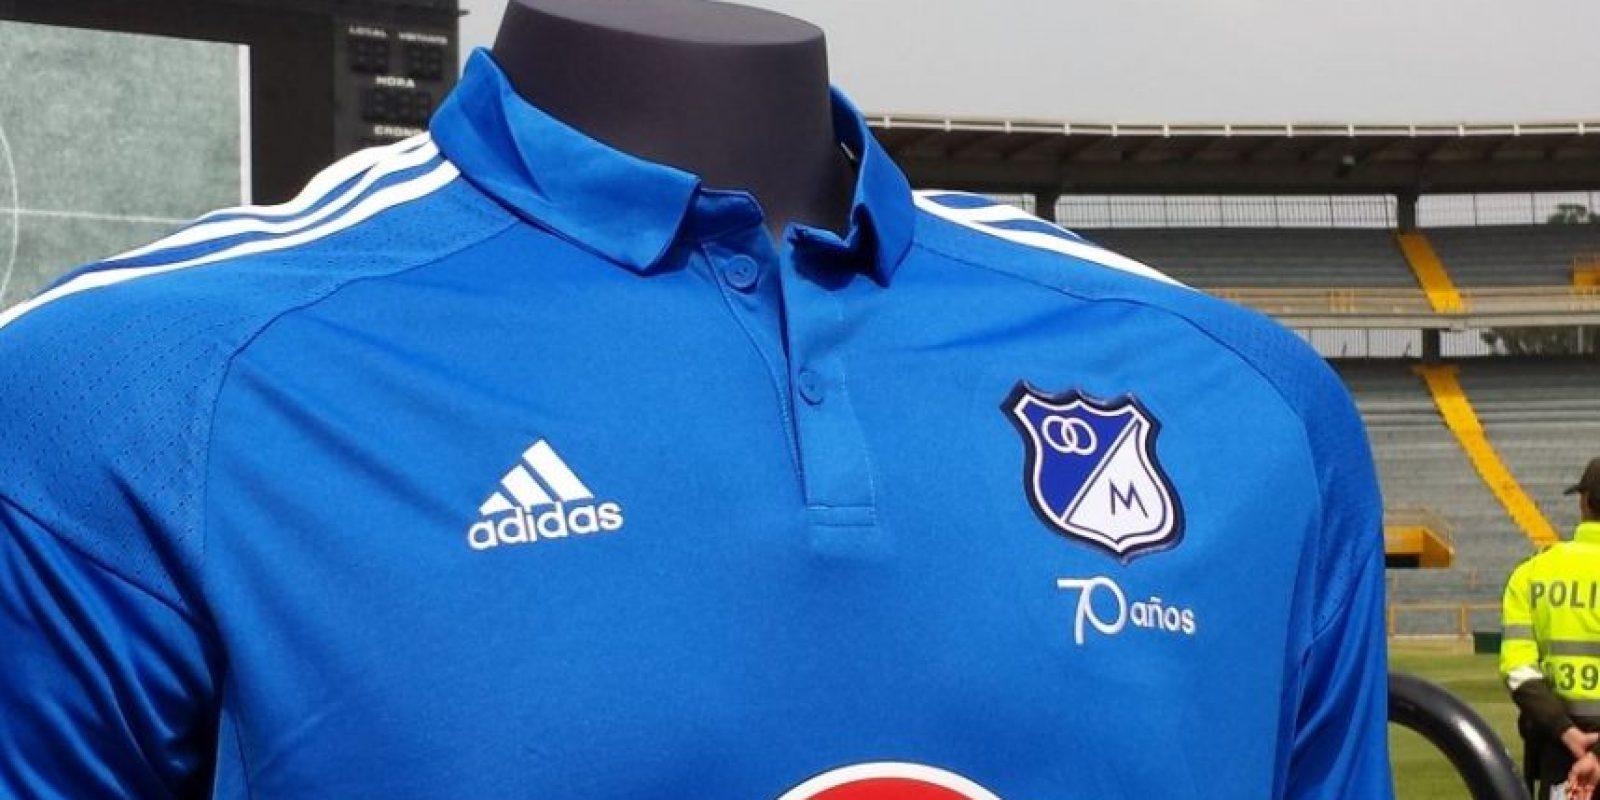 Nueva camiseta de Millonarios Foto:@PubliSport